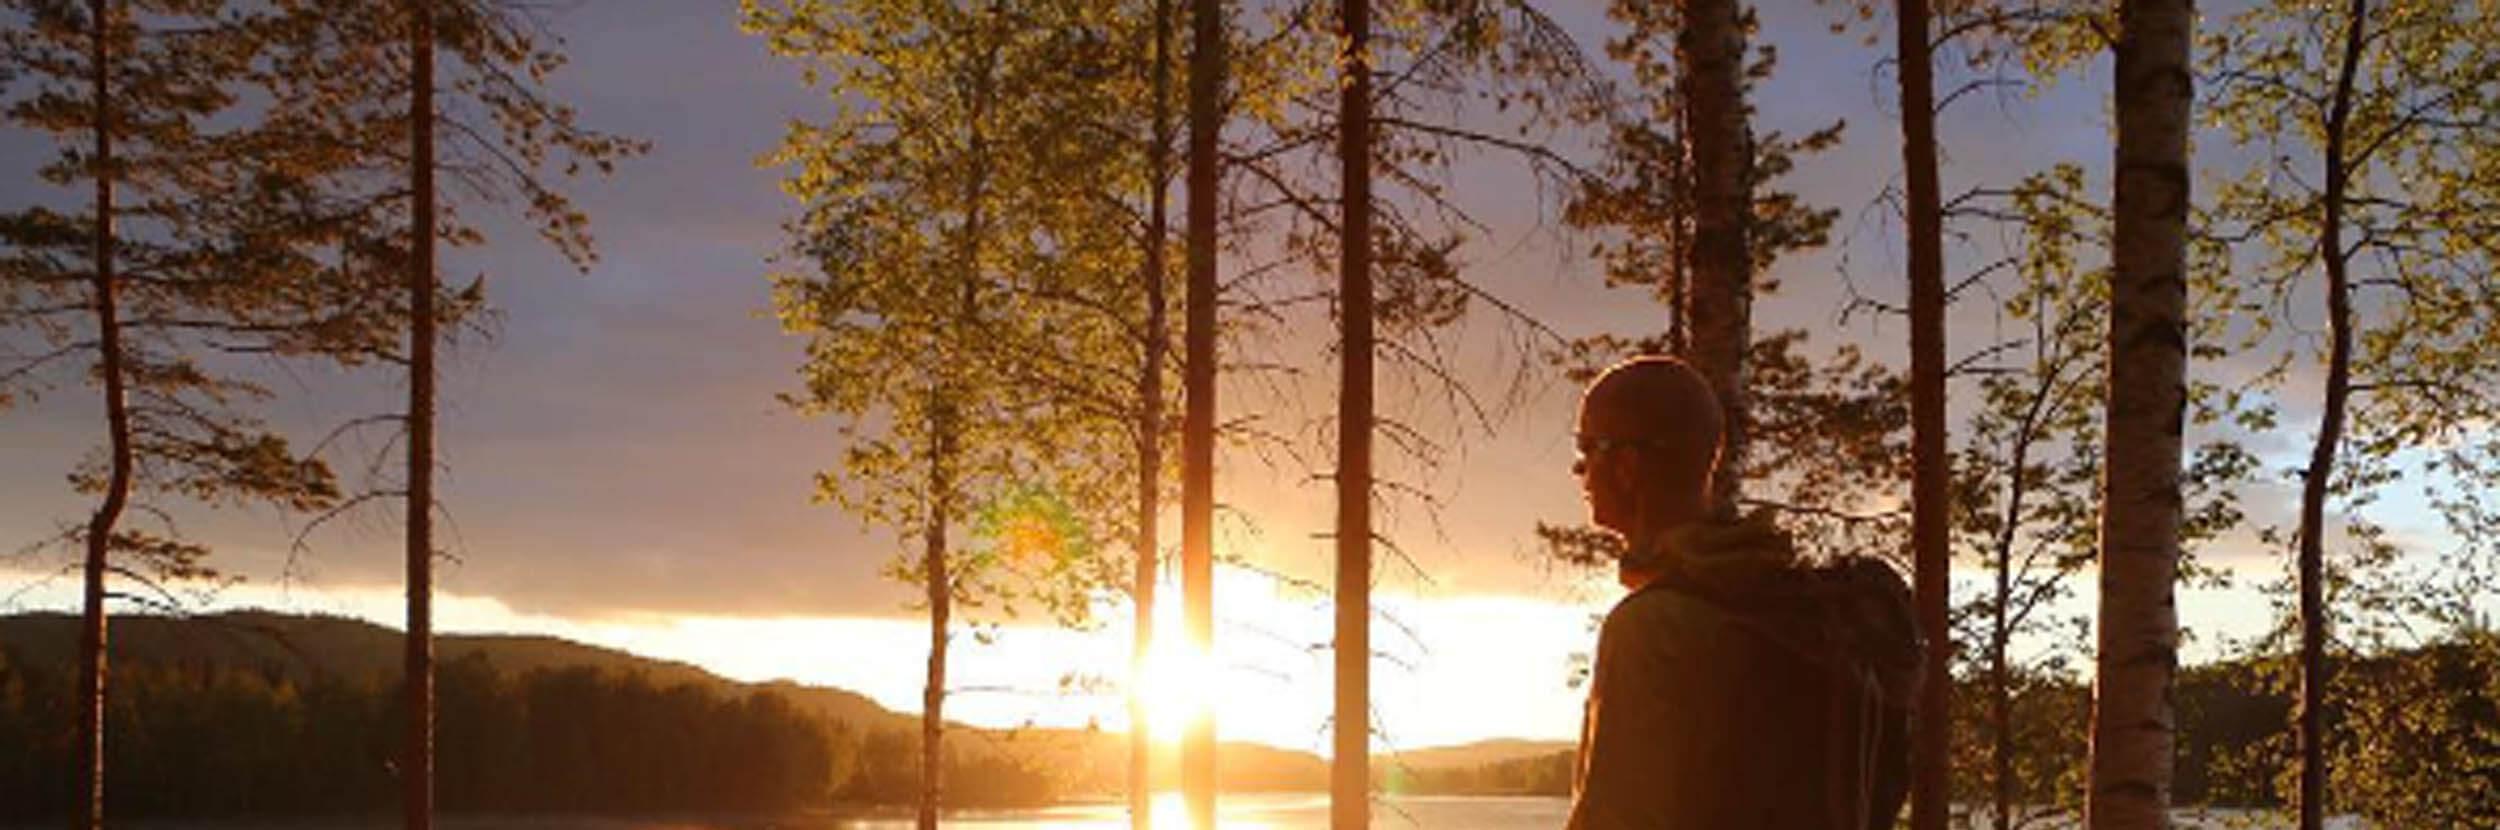 Etapp 1 - Foton från Anundsjö